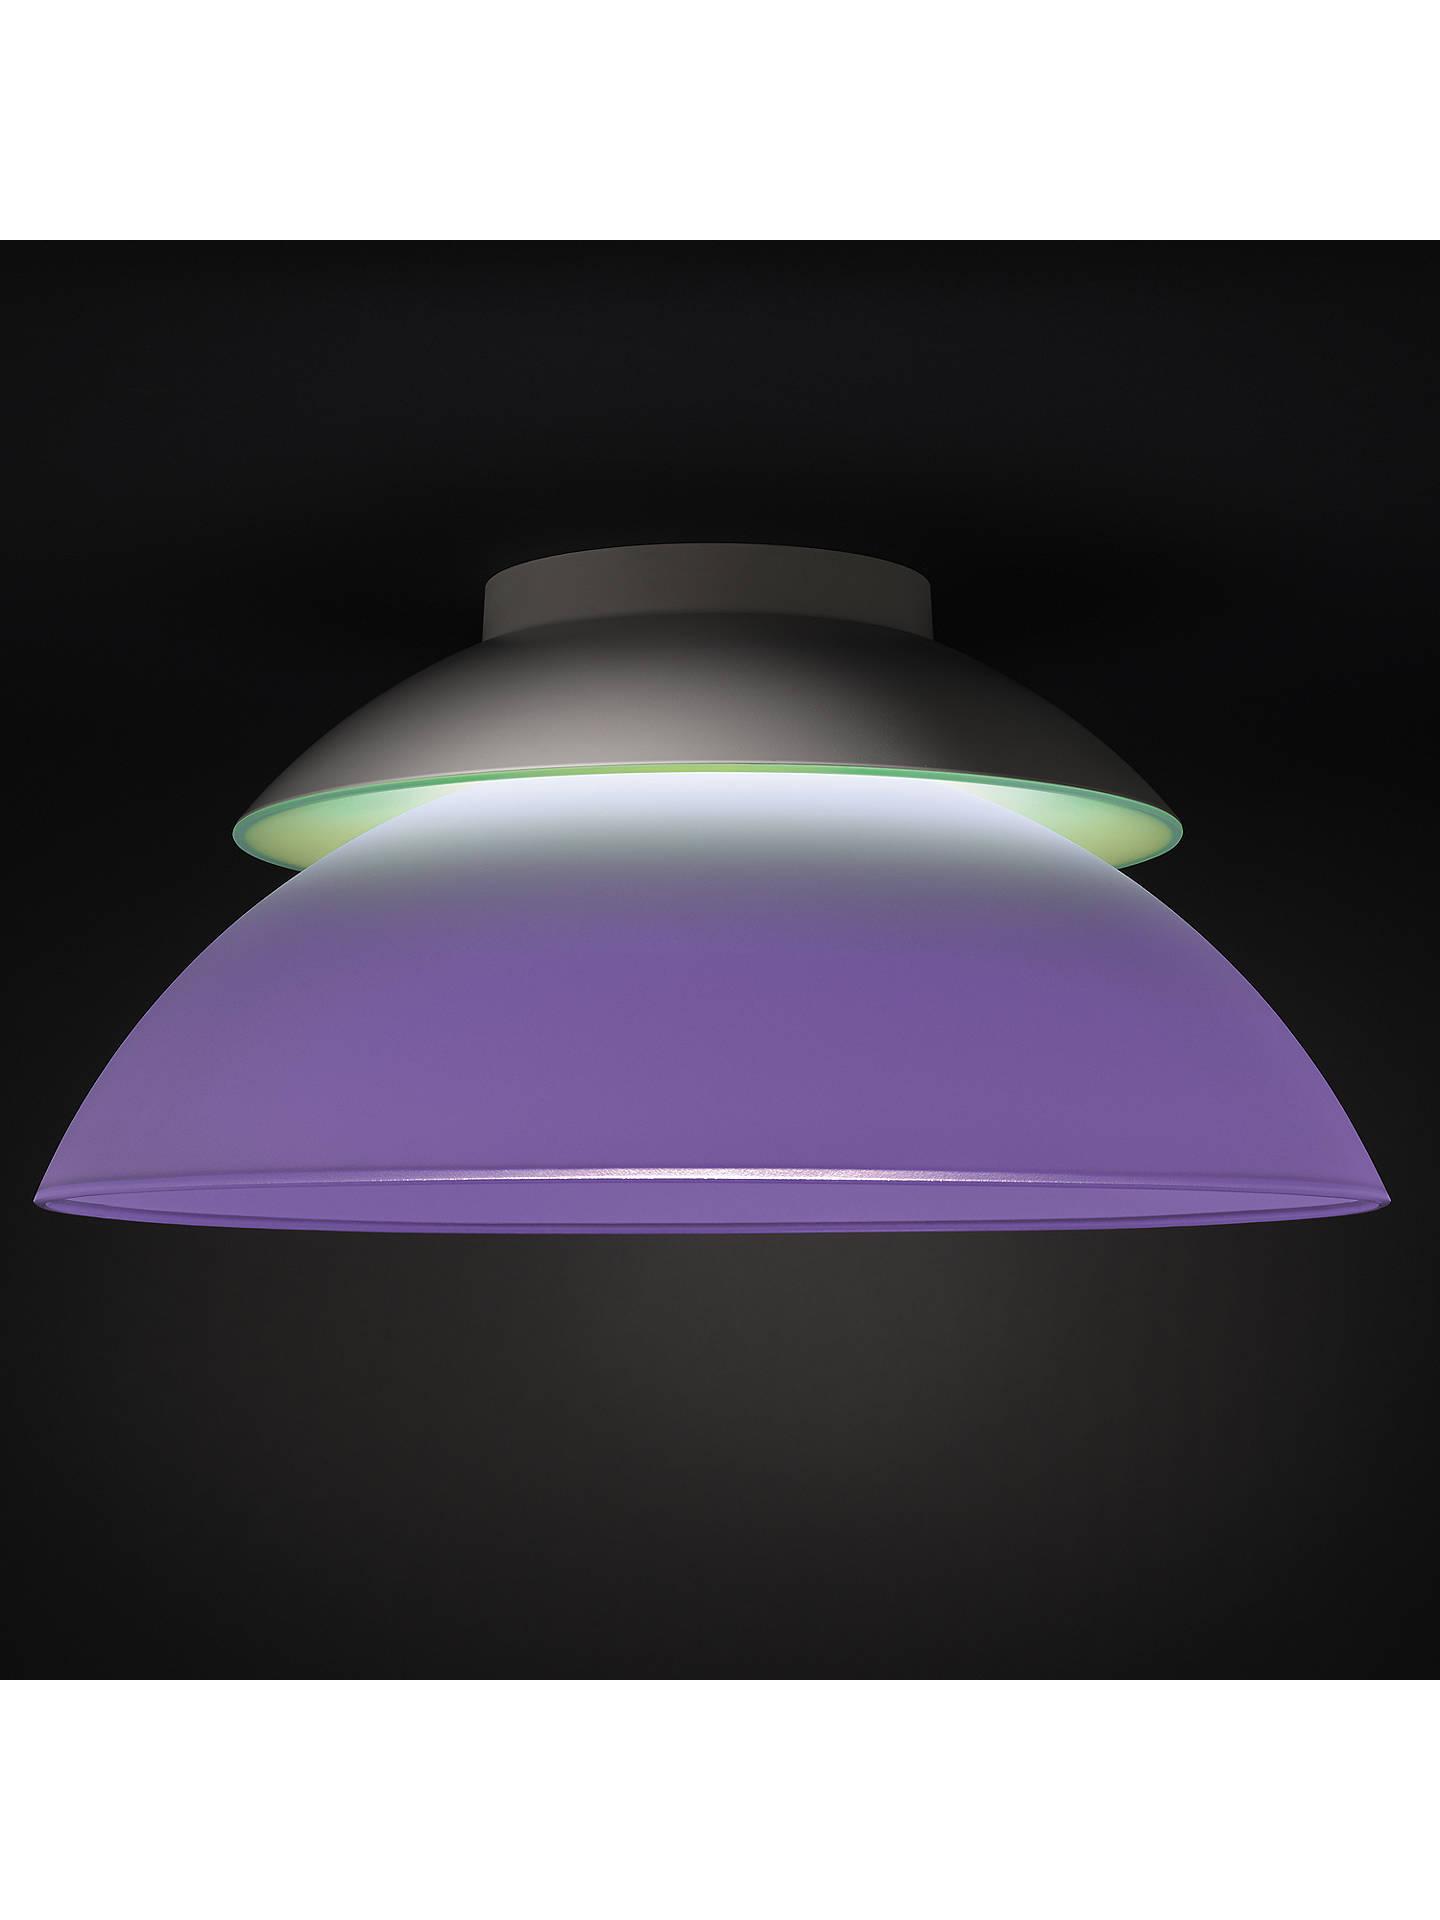 Philips Hue Beyond Led Ceiling Light Starter Kit At John